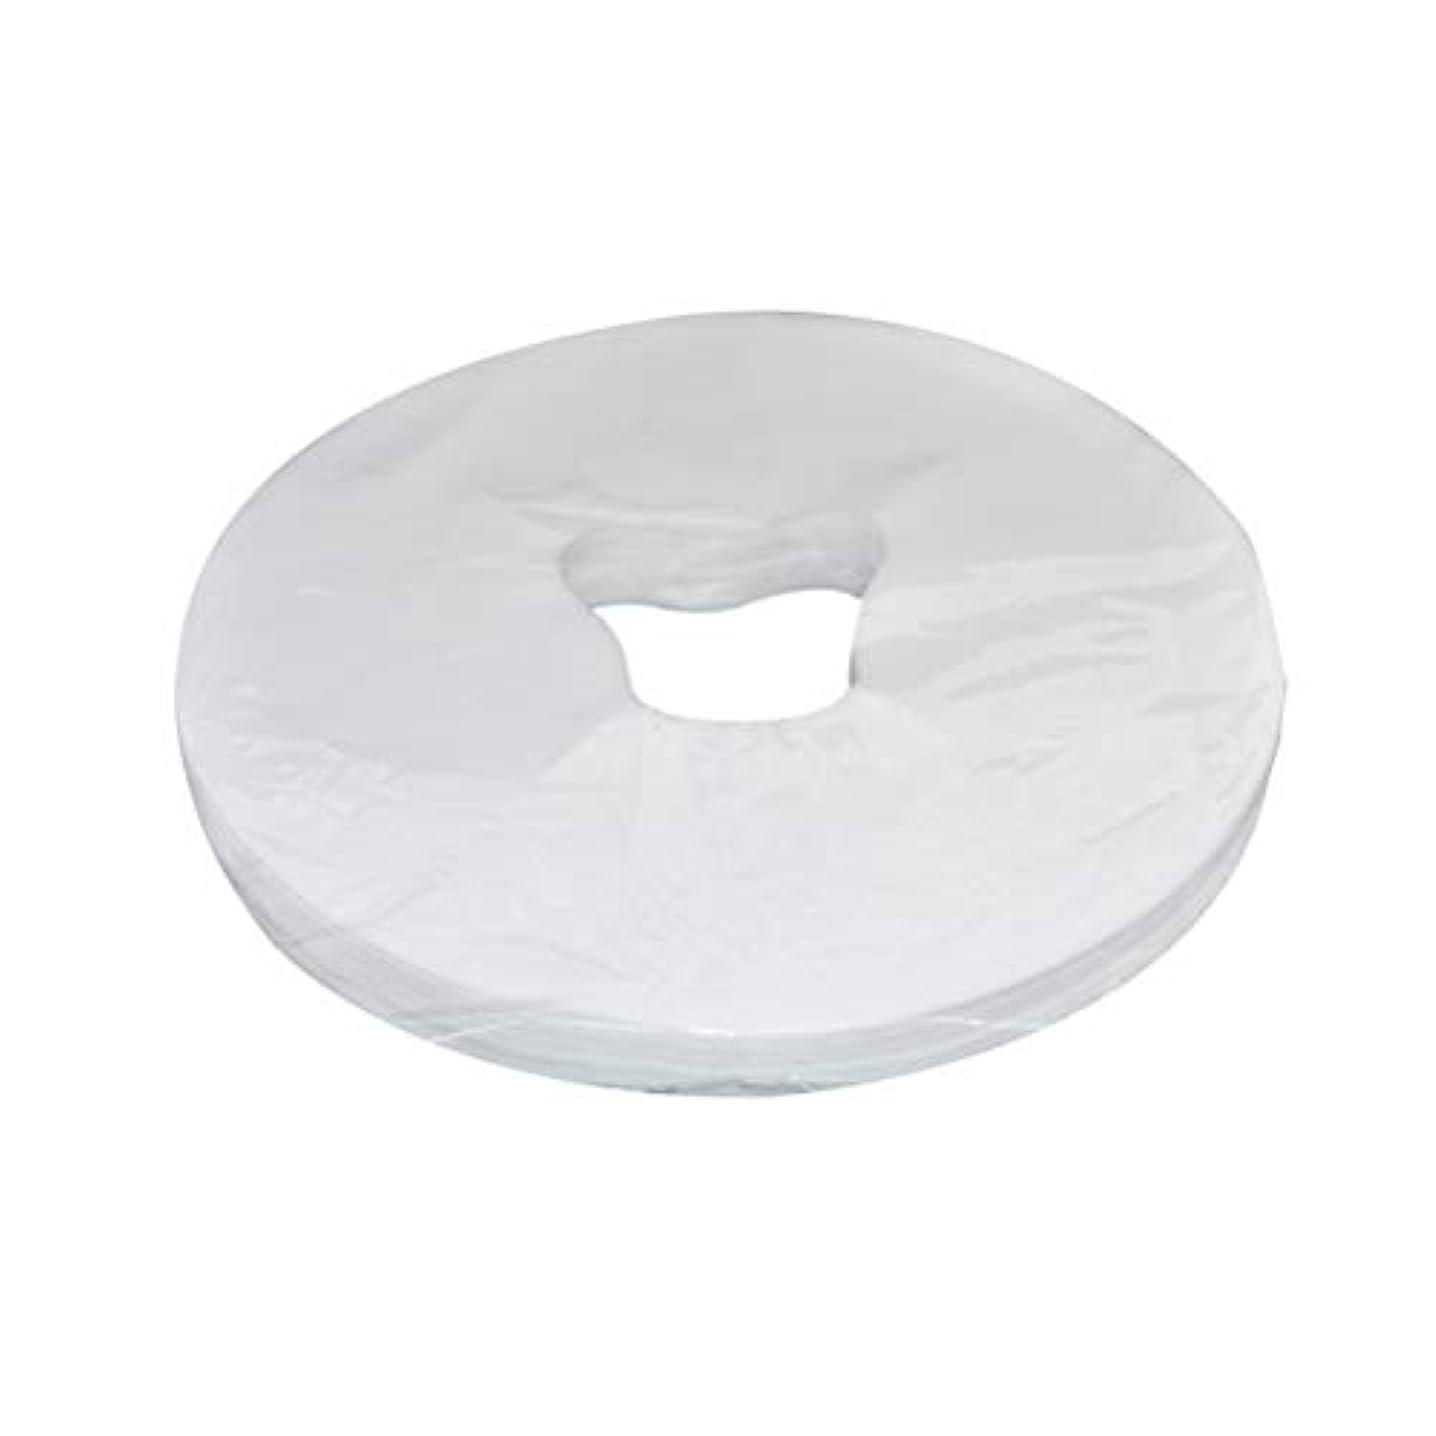 一時停止レーダーりHealifty 100シート無織布巾 使い捨て マッサージフェイスピローカバー フェイスカバー ヘッドレストピローシート(ホワイト)